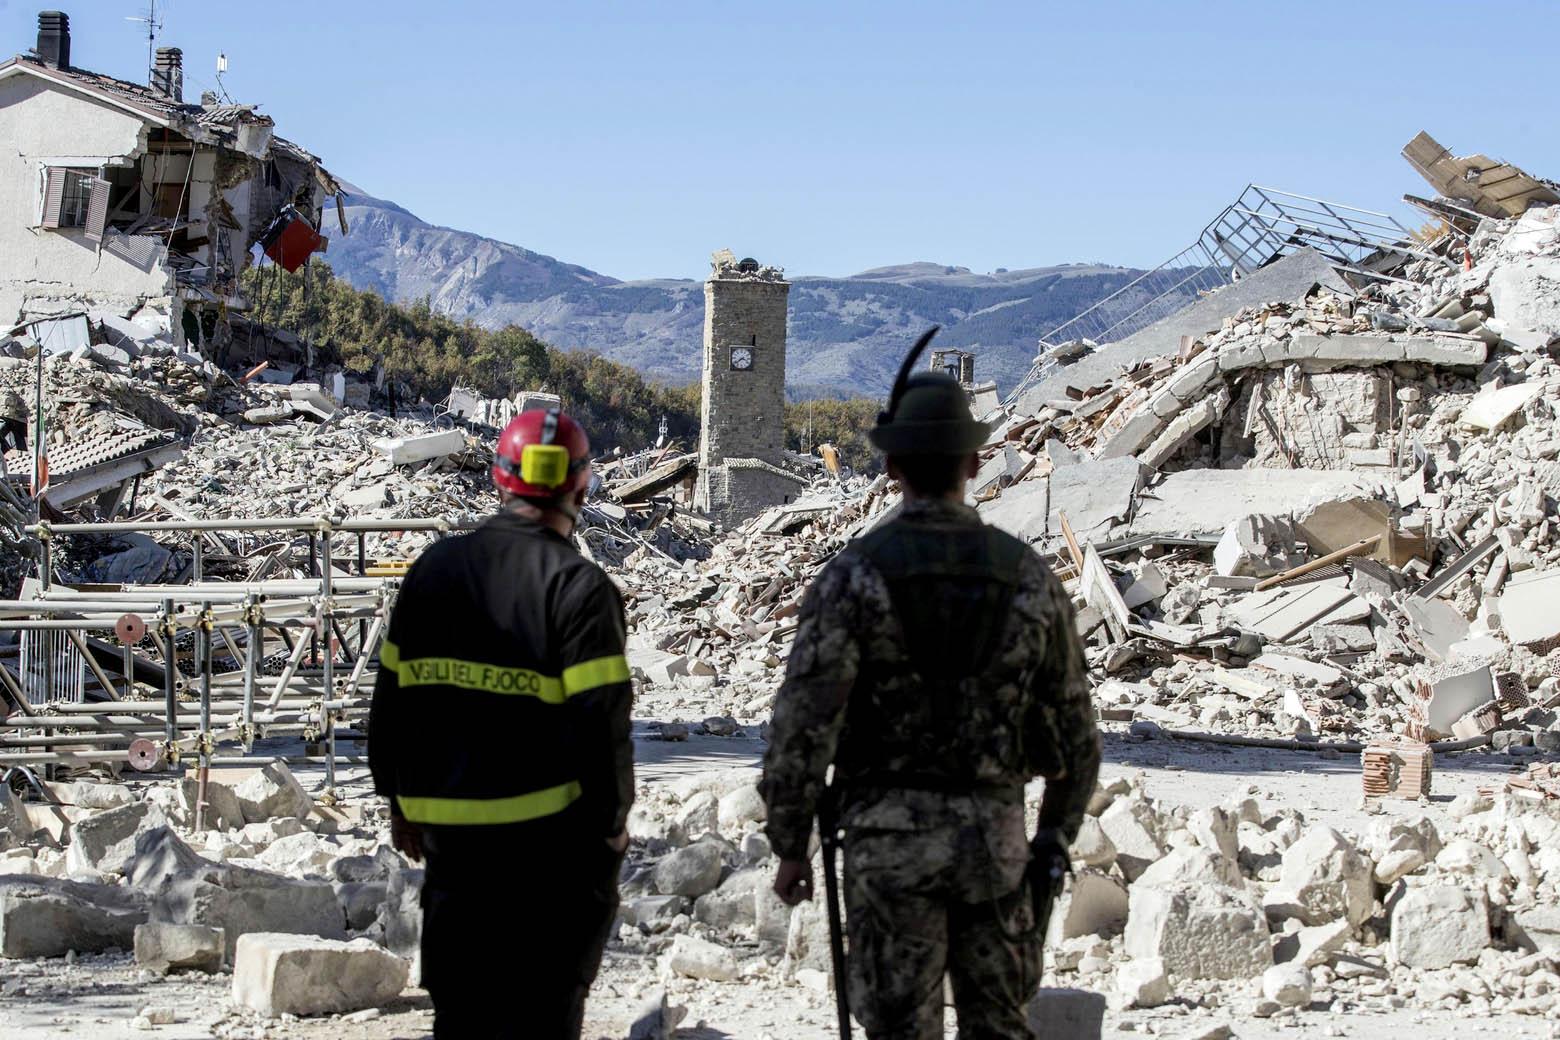 Tlo u Italiji pomaknulo se zbog potresa 70 centimetara